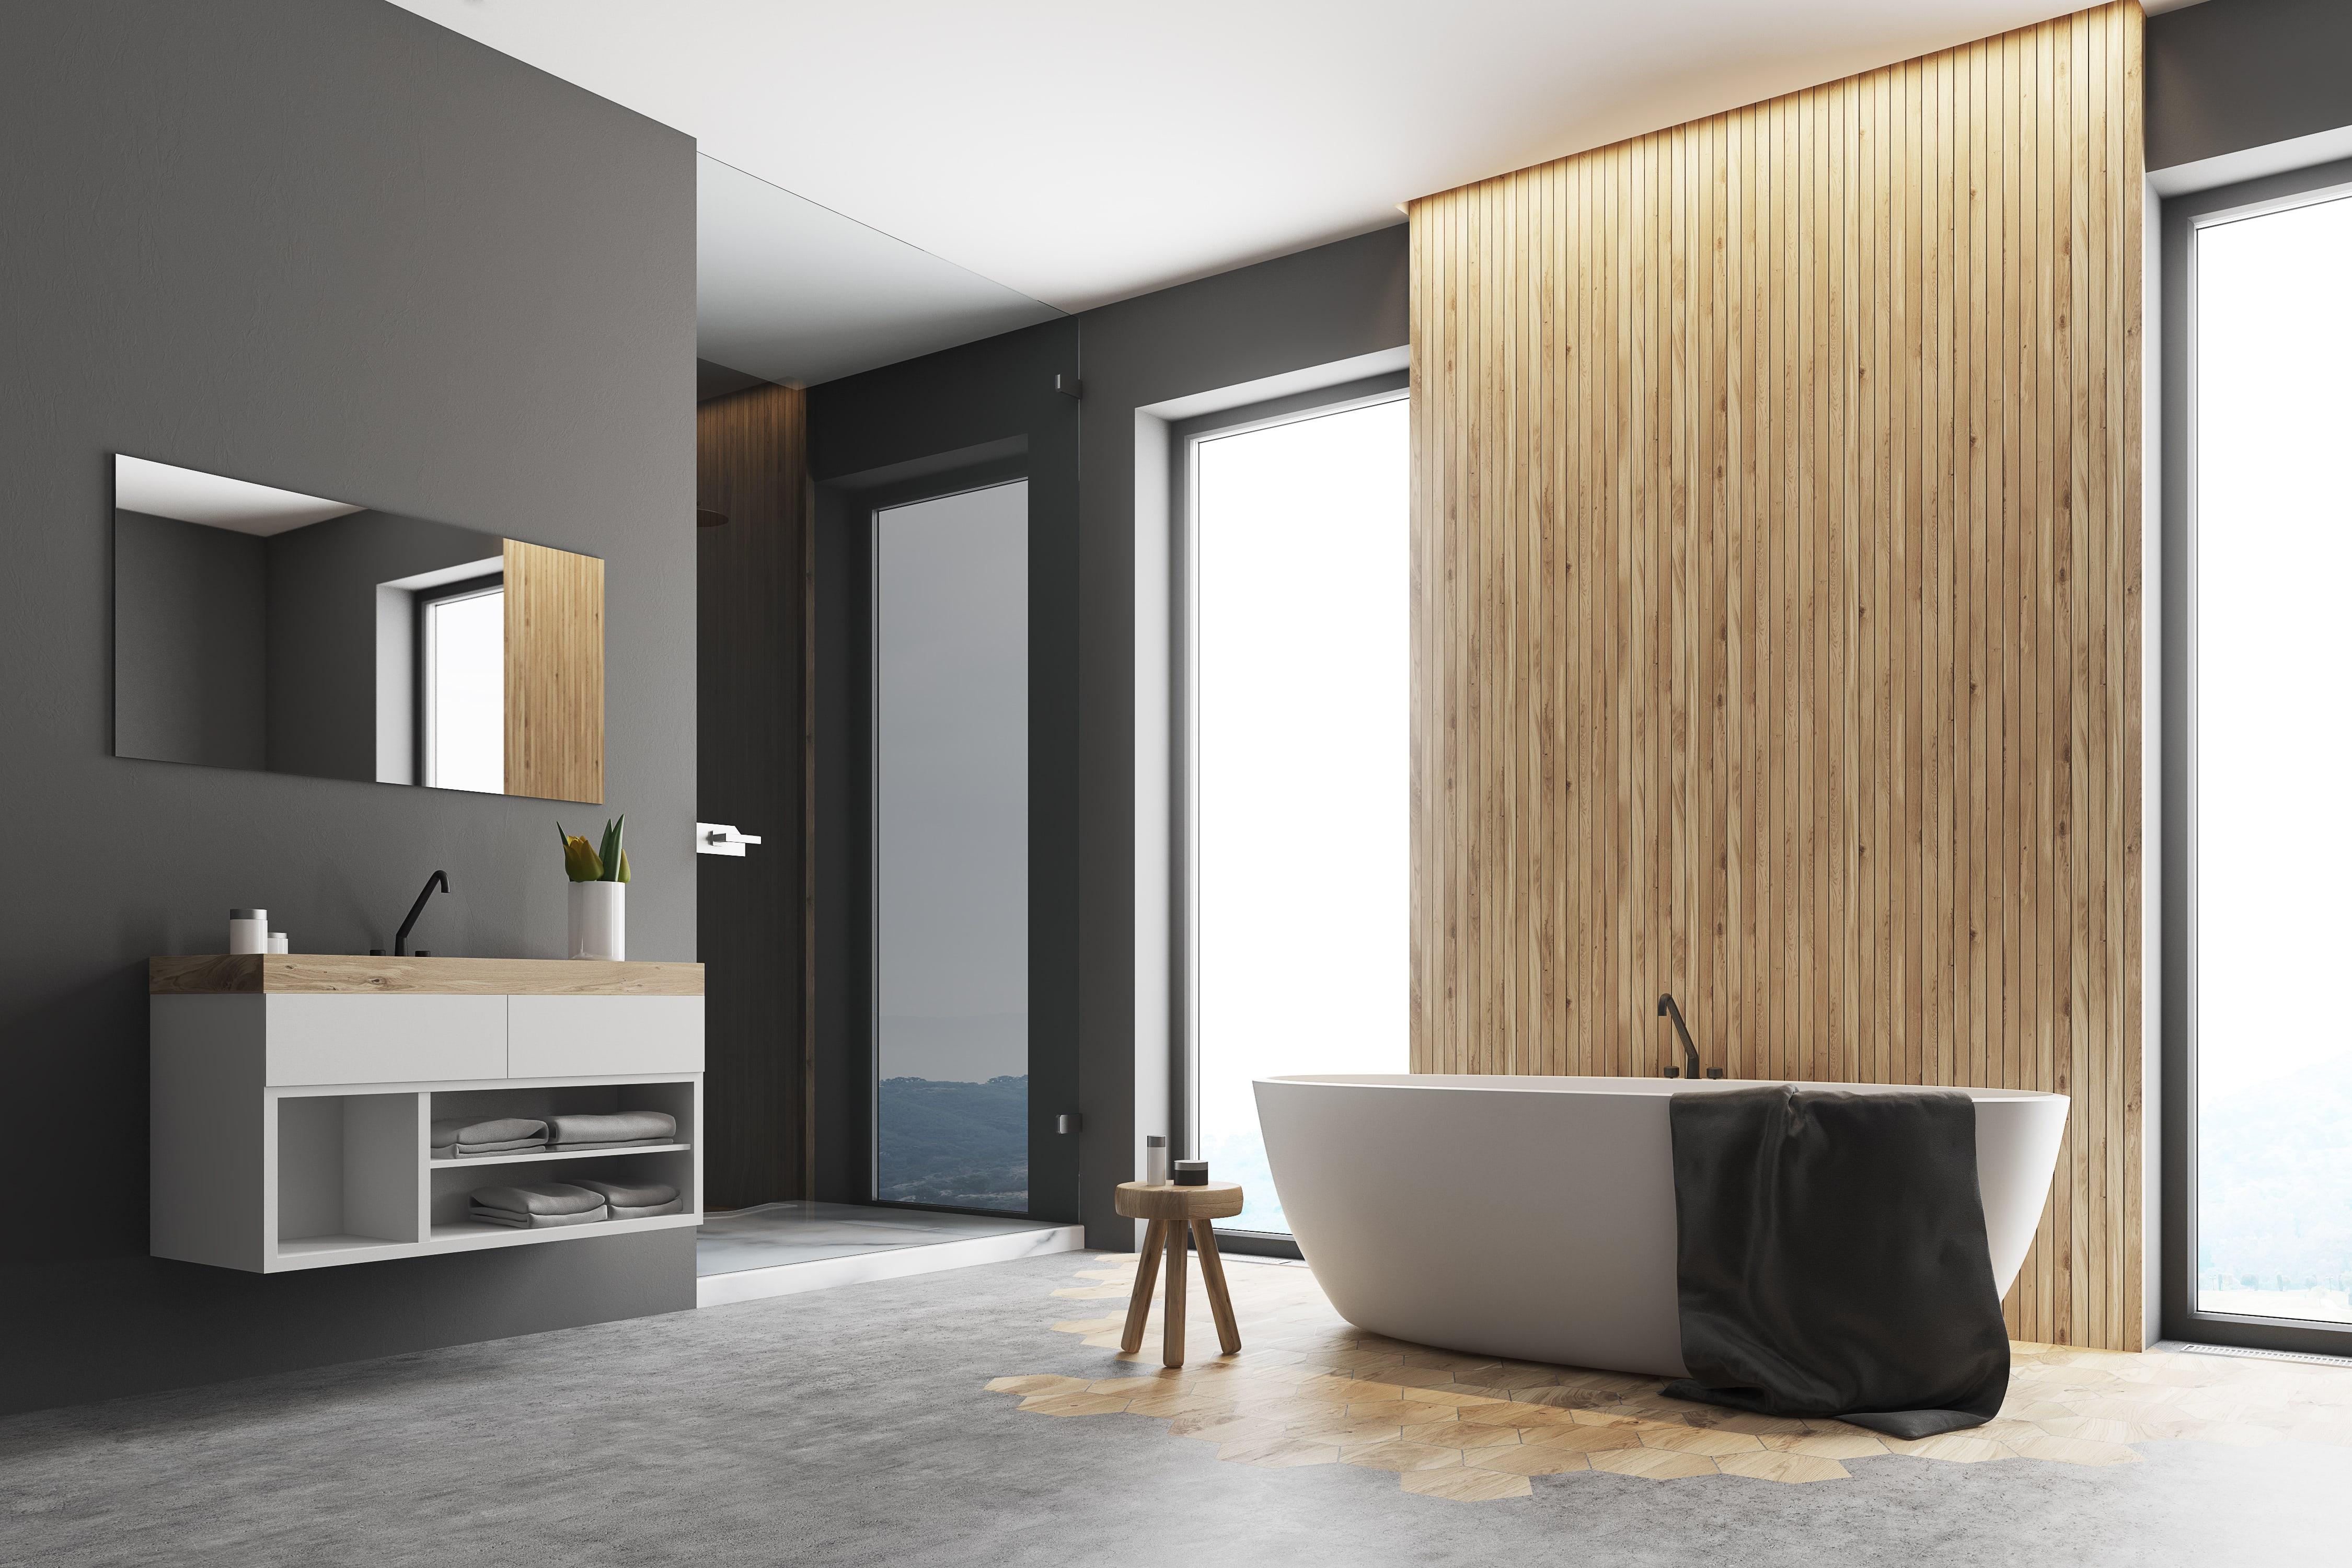 Immagini Relative A Bagni Moderni.Total Living Bathroom Tutto Sulla Nuova Tendenza Di Arredo Bagno